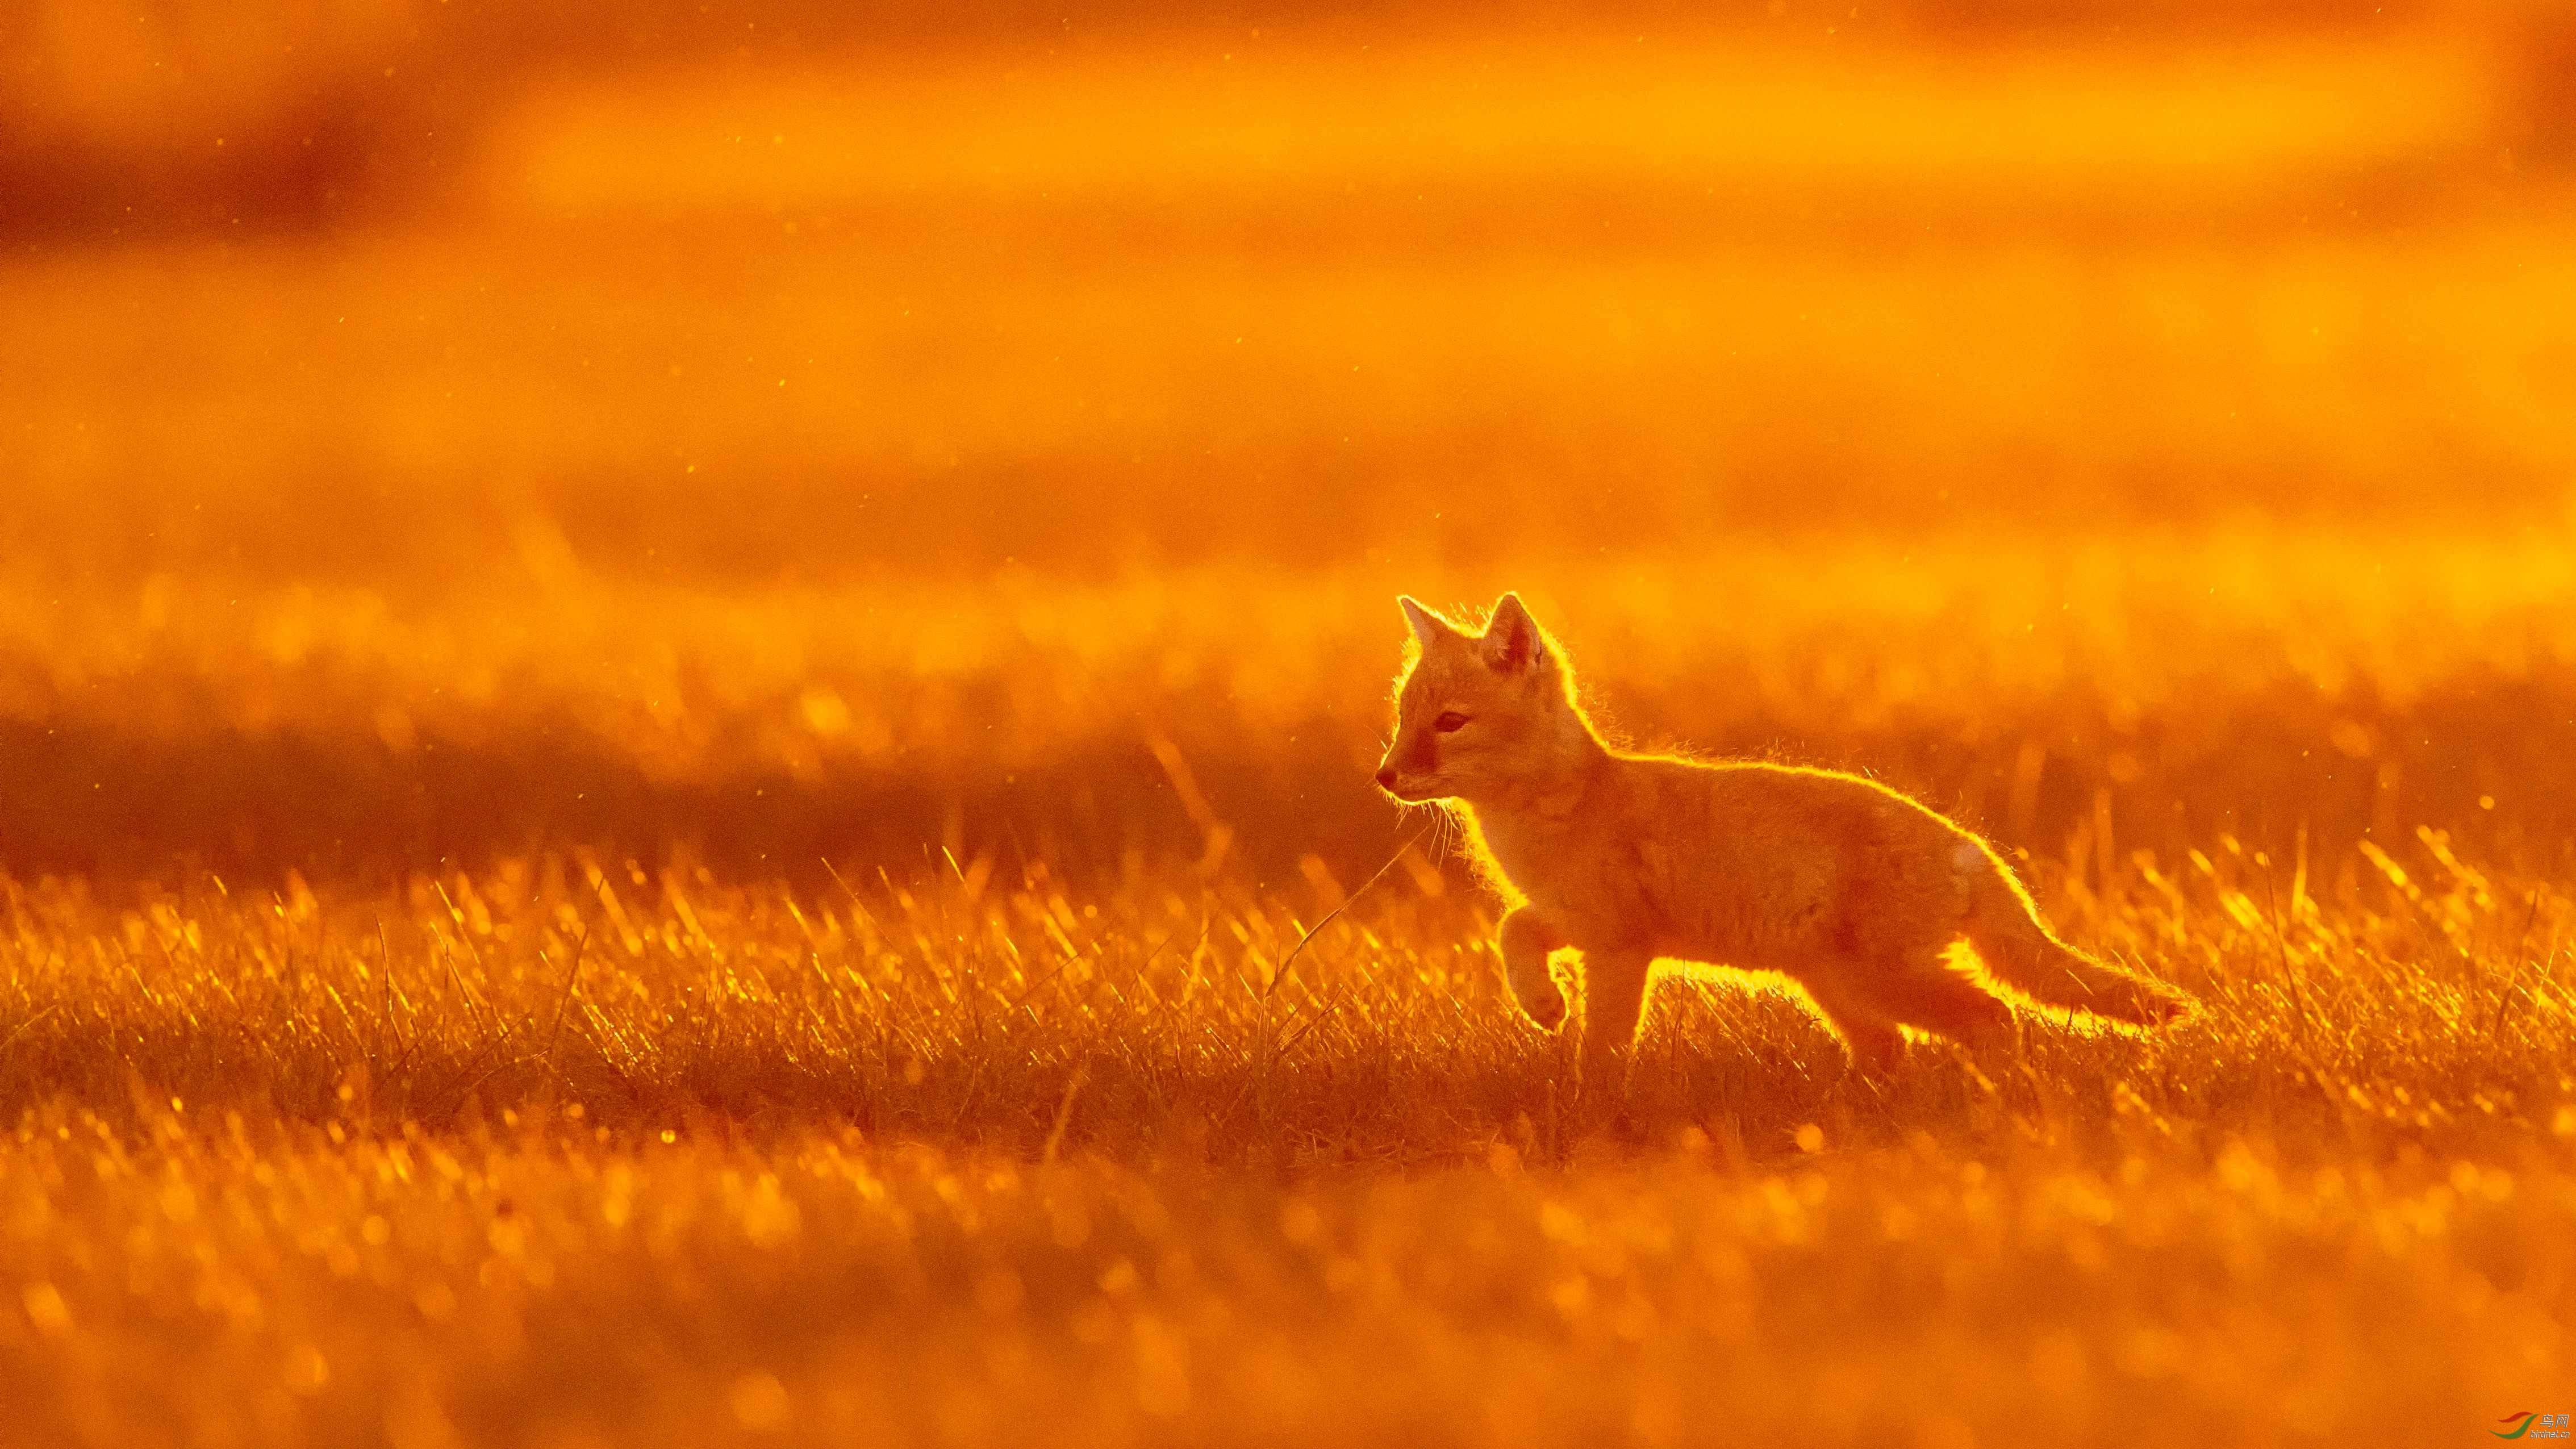 夕阳下的小狐狸